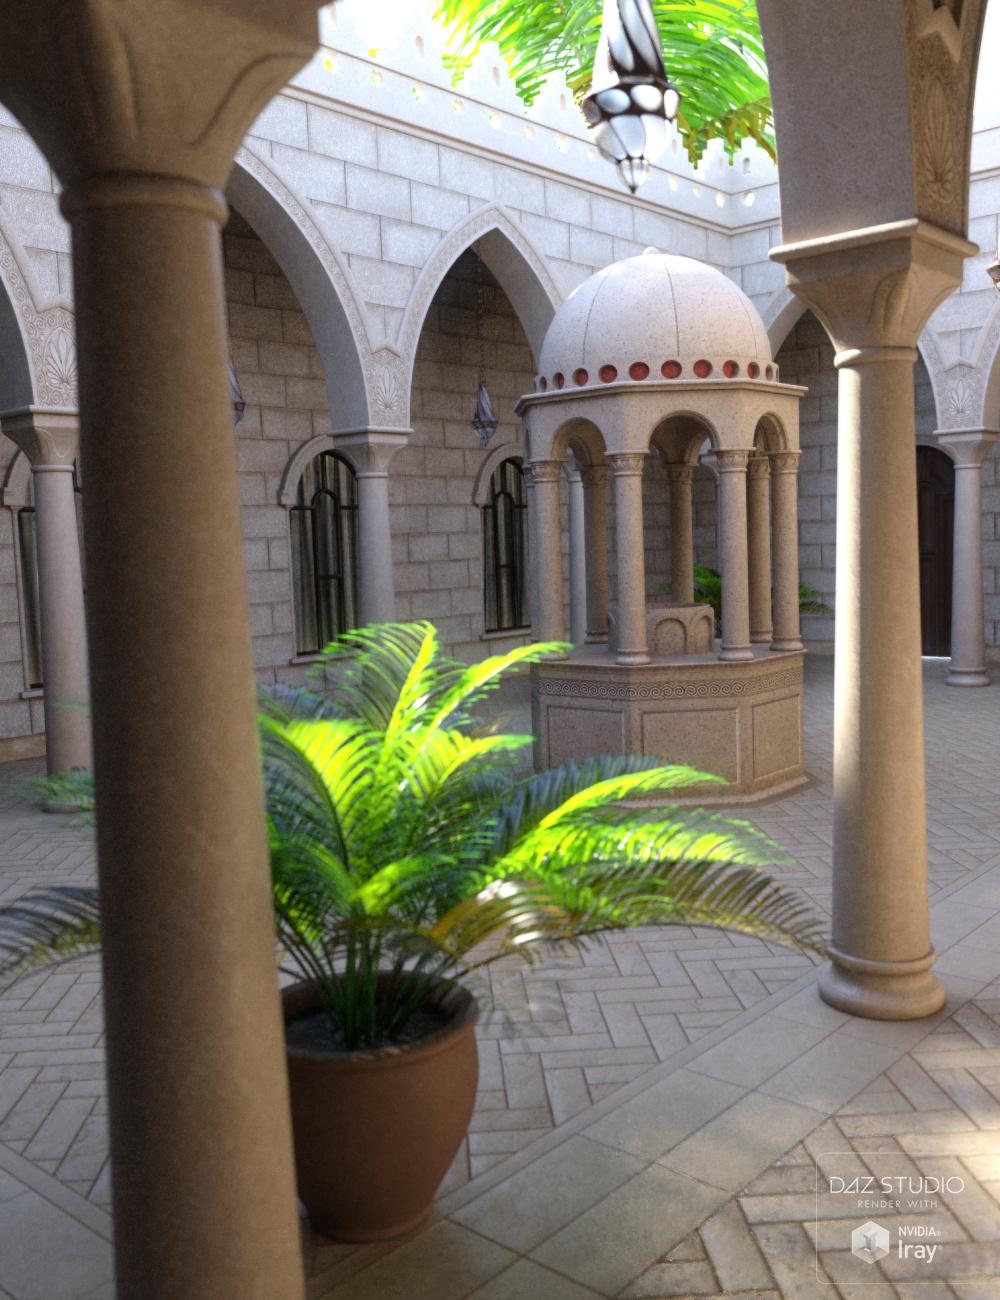 Al Sharqia Courtyard by: Merlin Studios, 3D Models by Daz 3D